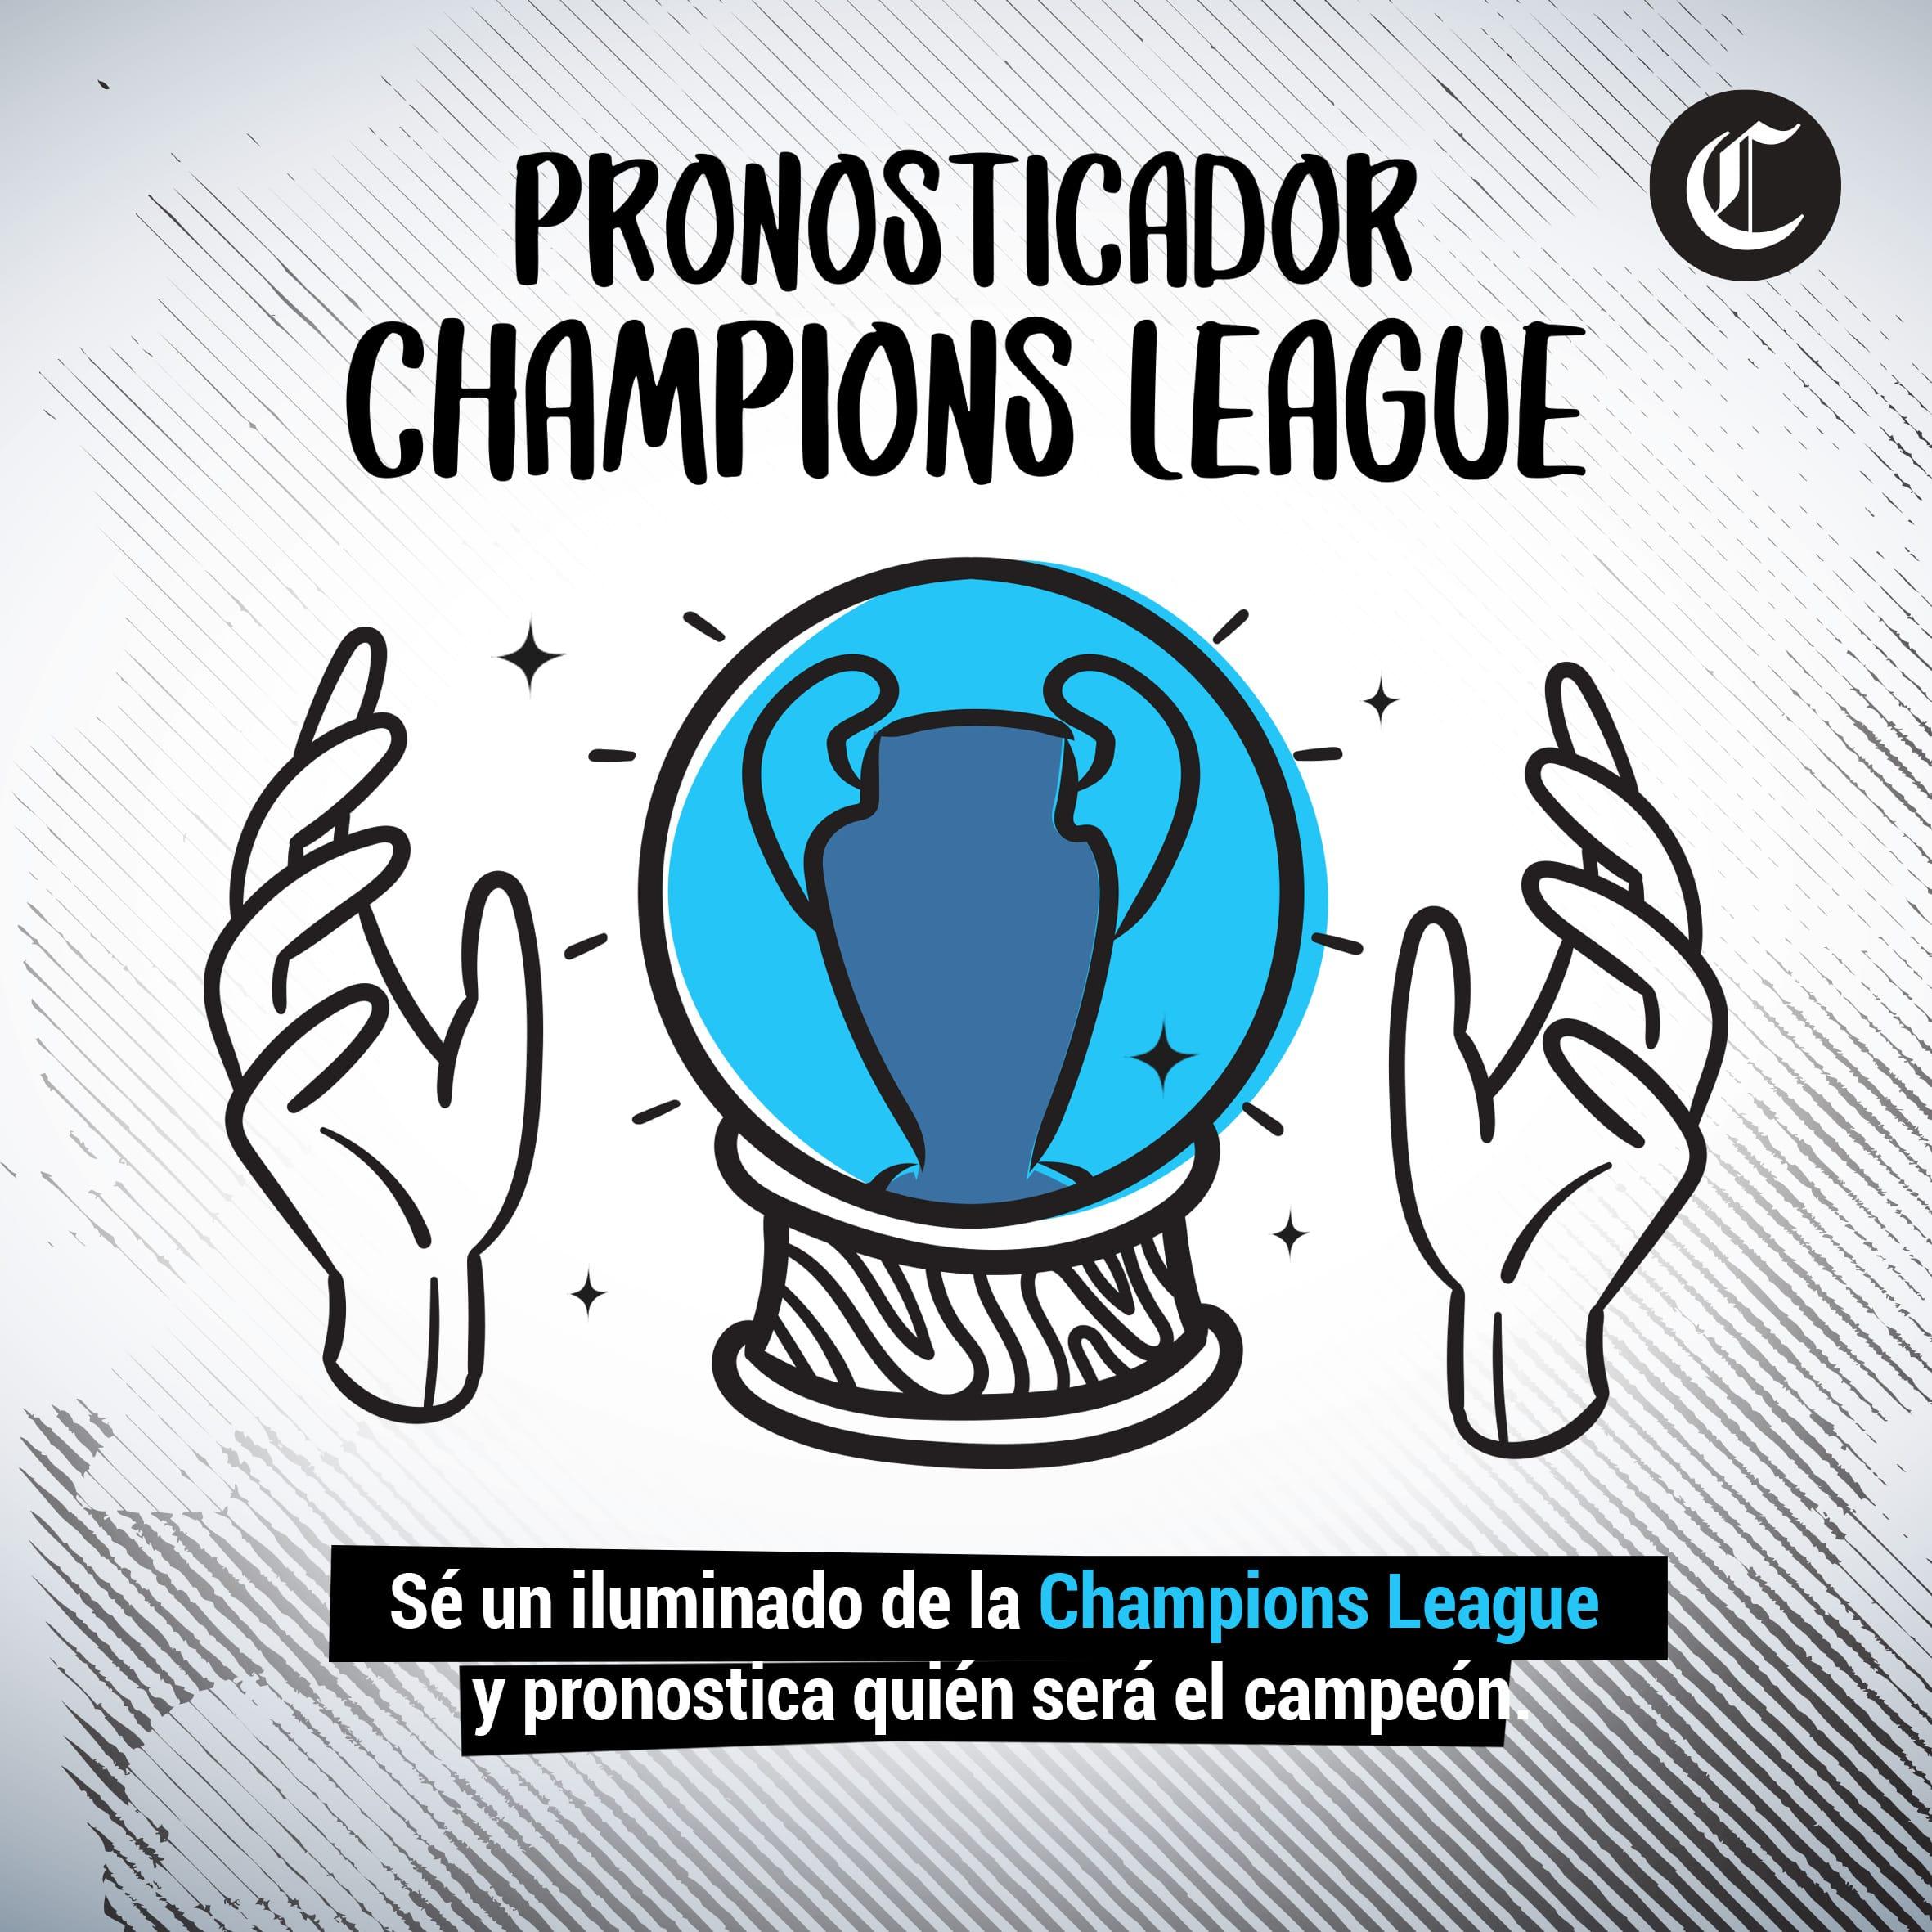 Champions League: ¿qué equipo se consagrará como nuevo rey de Europa?